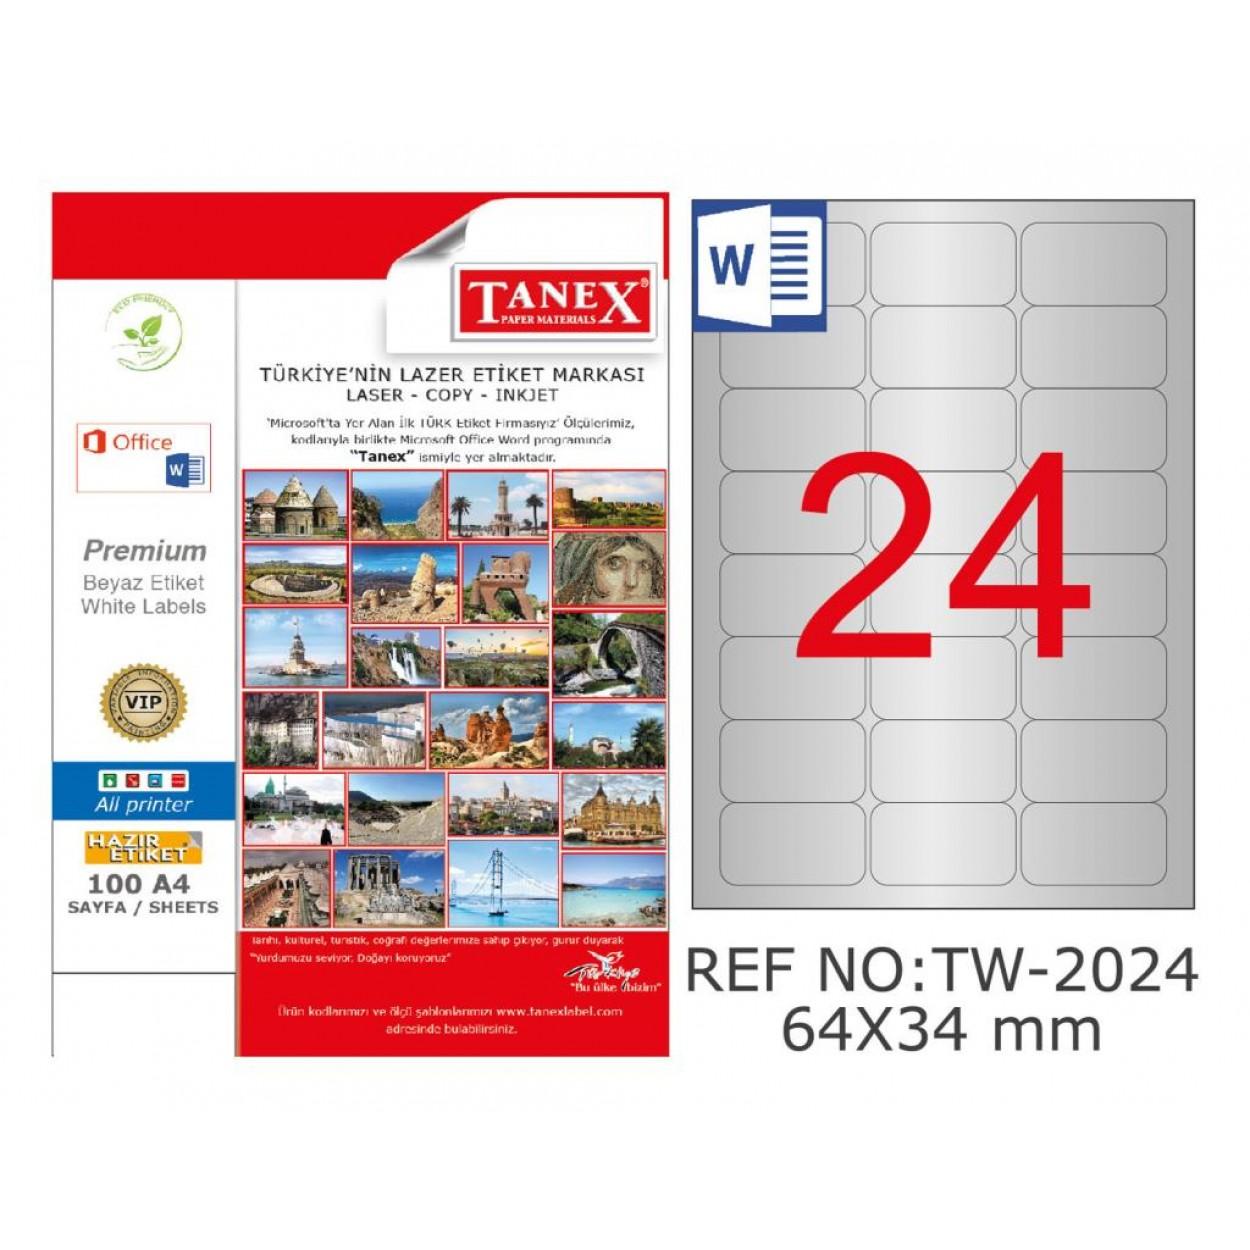 Tanex TW-2024 64x34 mm Gümüş Lazer Etiket 600 Lü